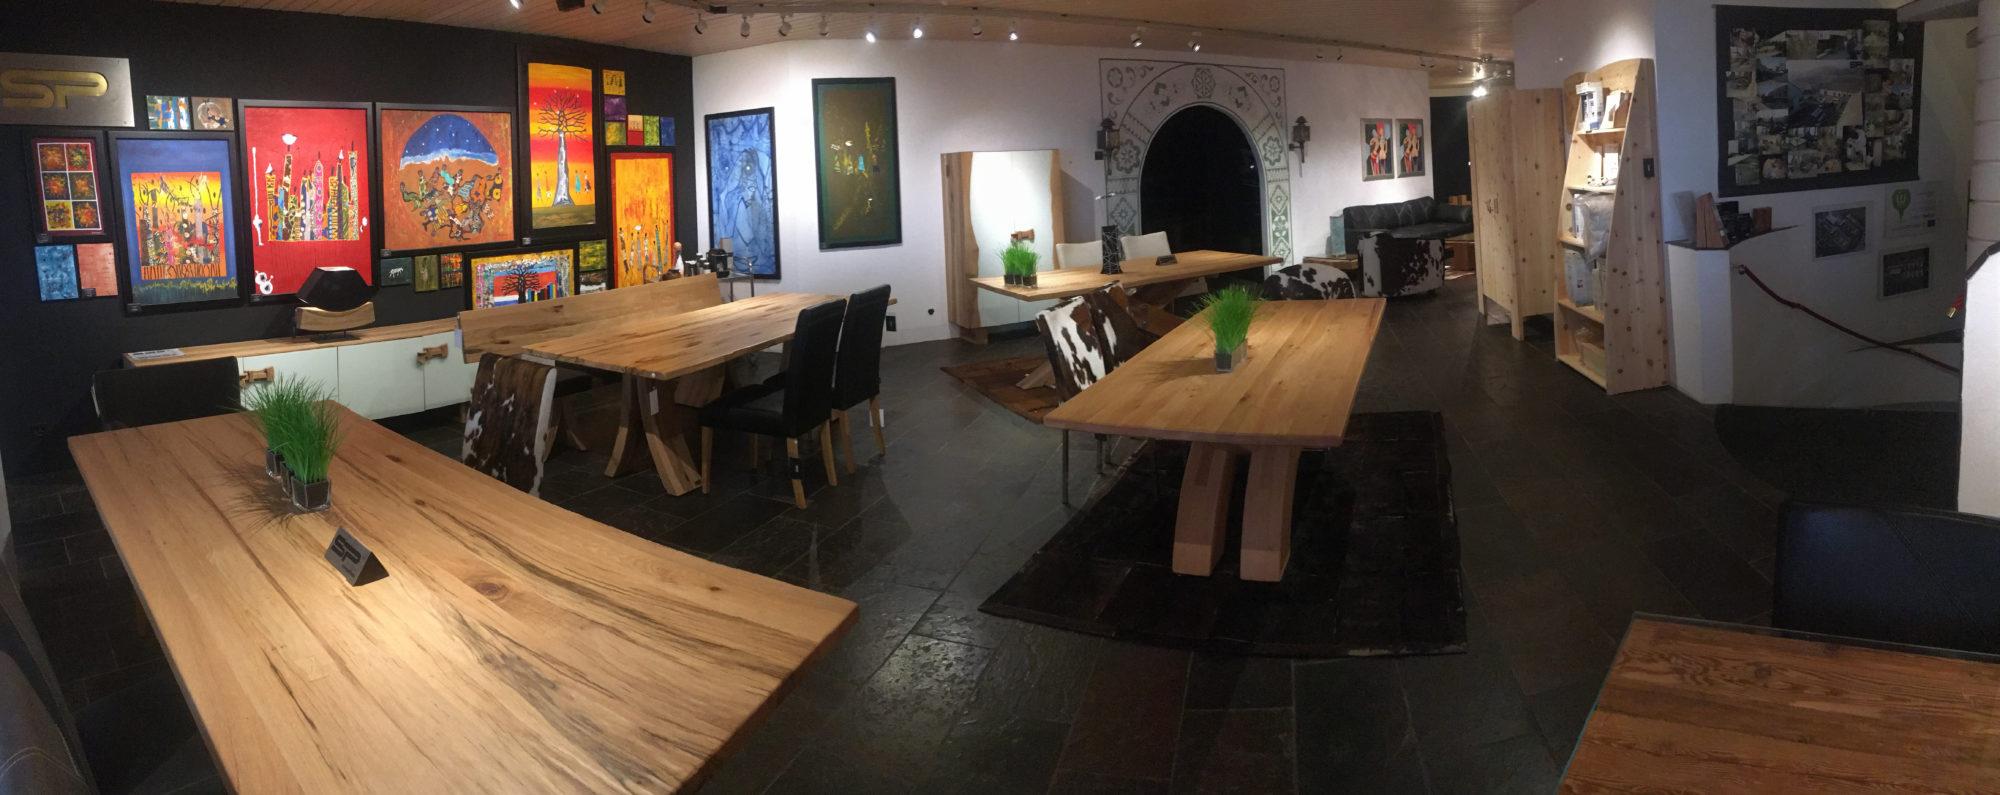 Ausstellung Sprenger Möbel Ag Chur